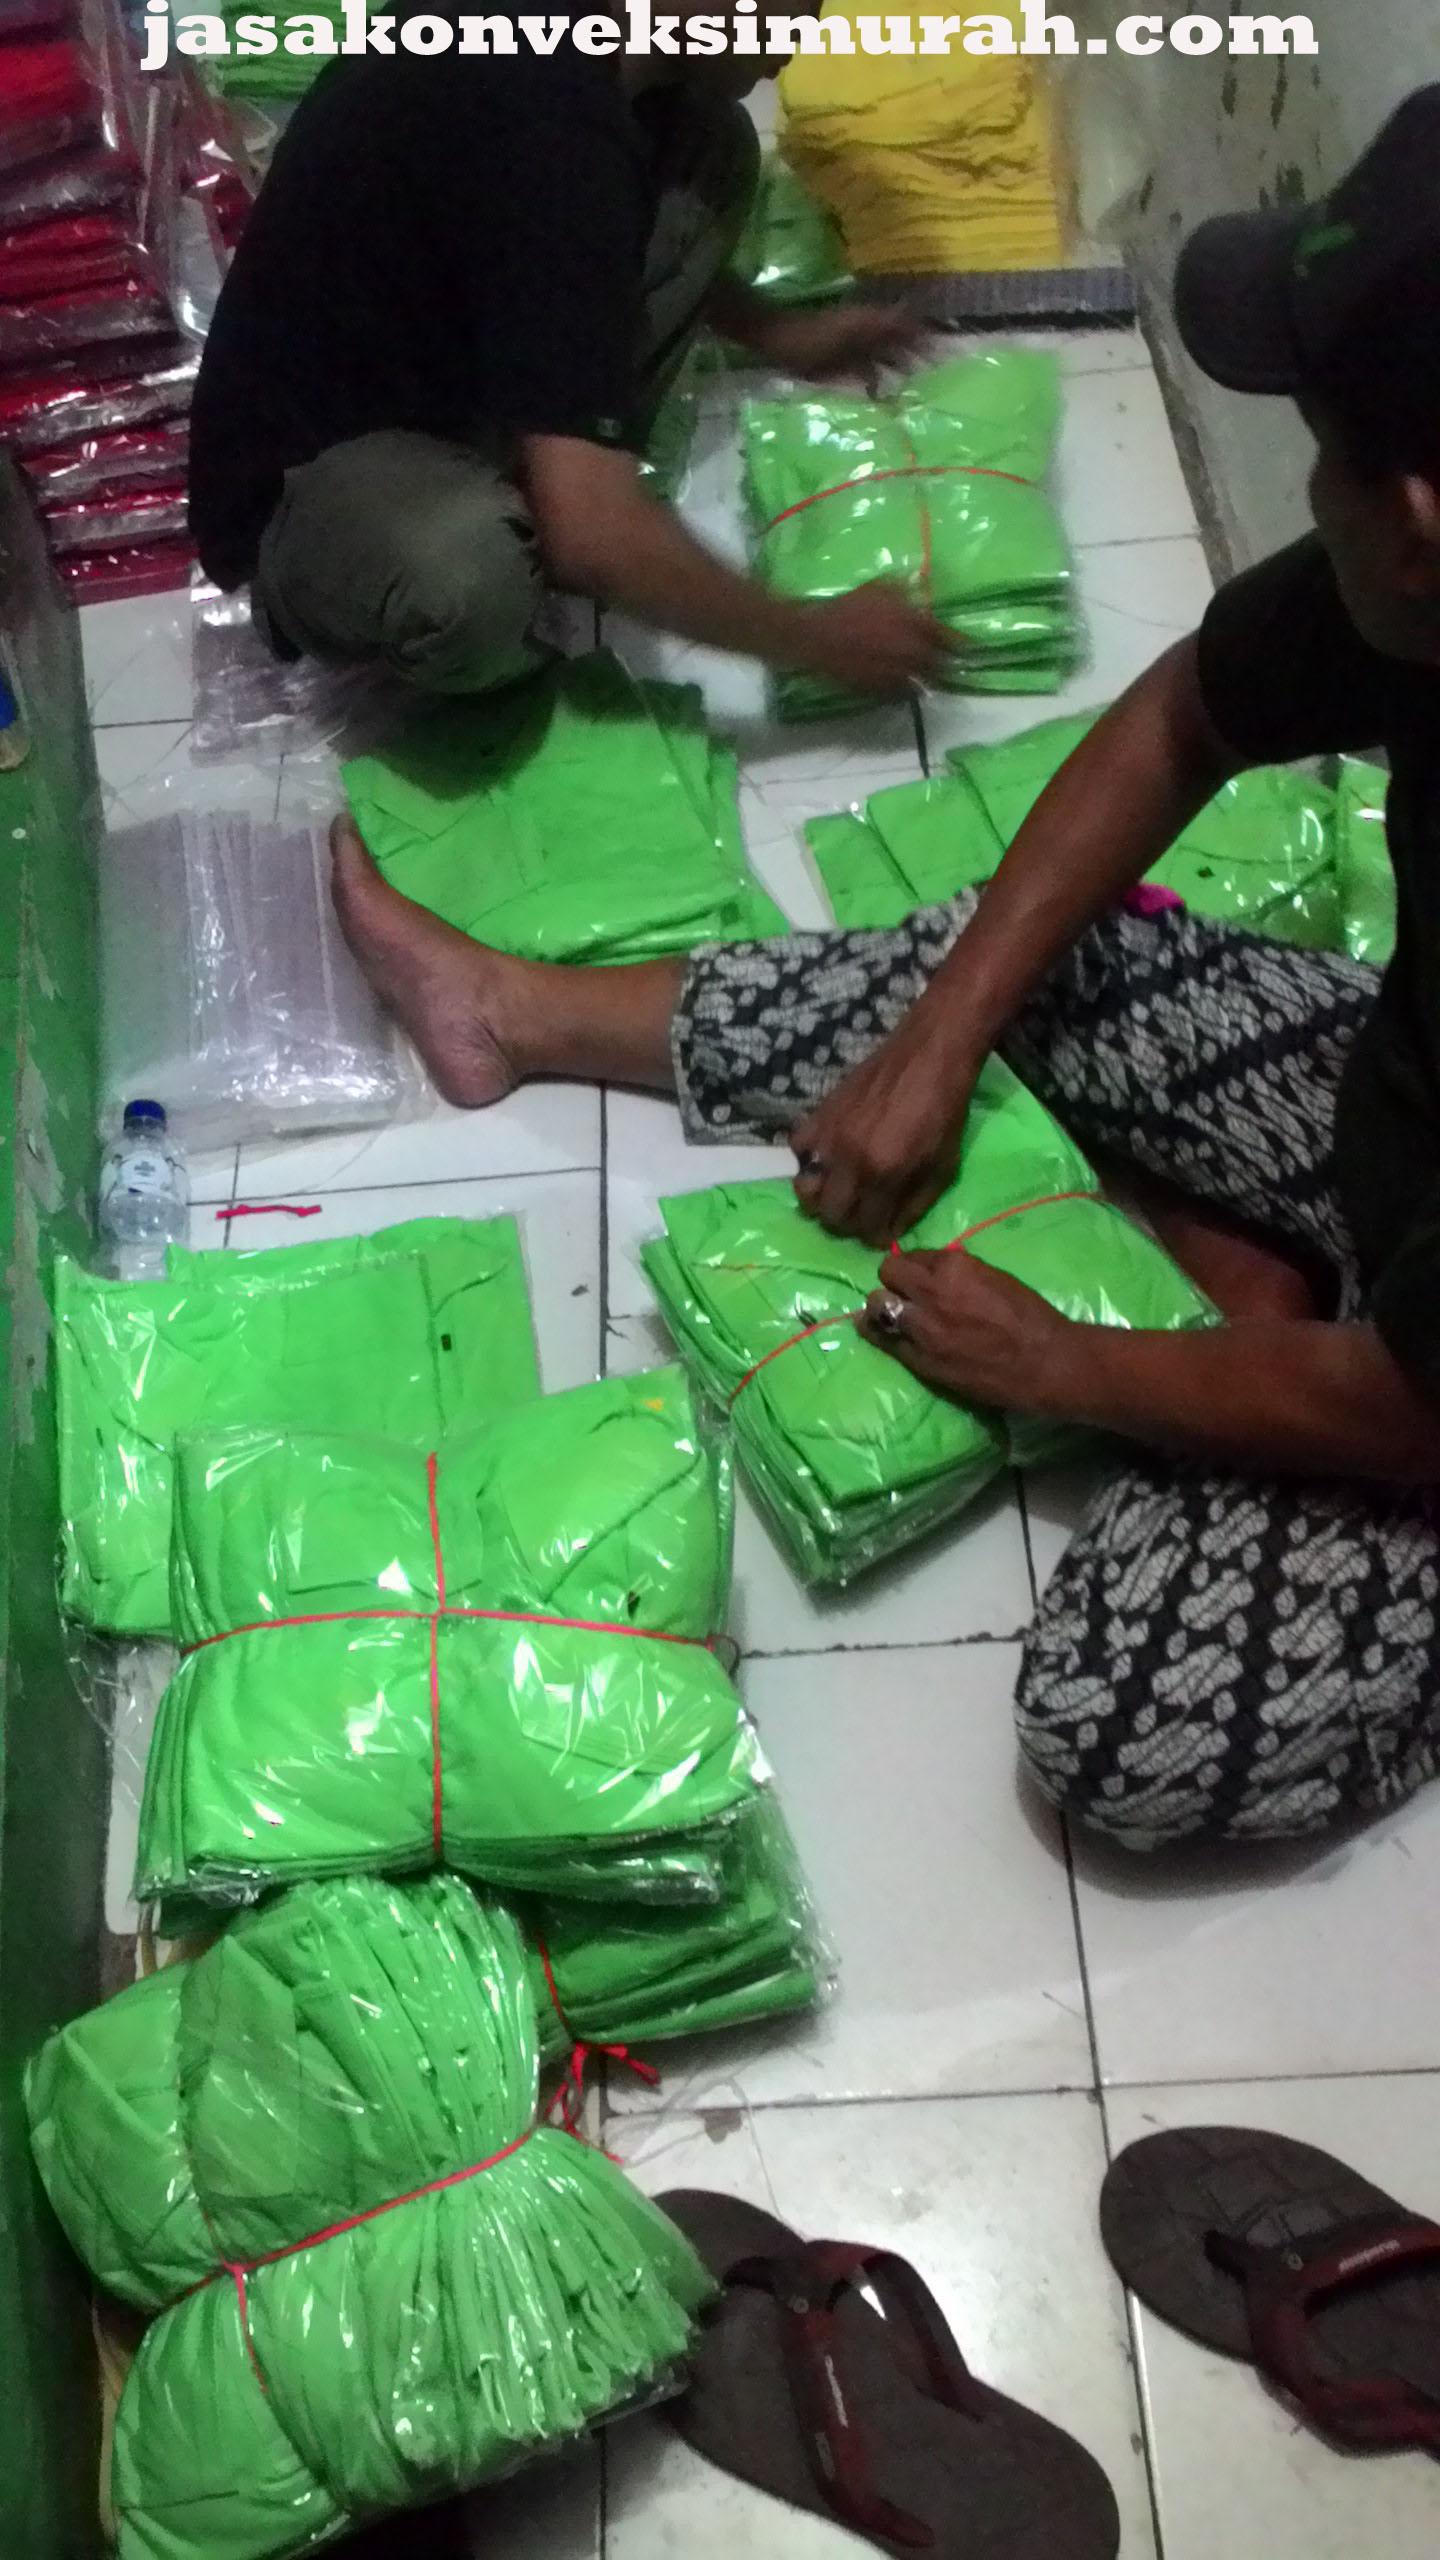 Jasa Konveksi Murah Rempoa Tangerang Selatan